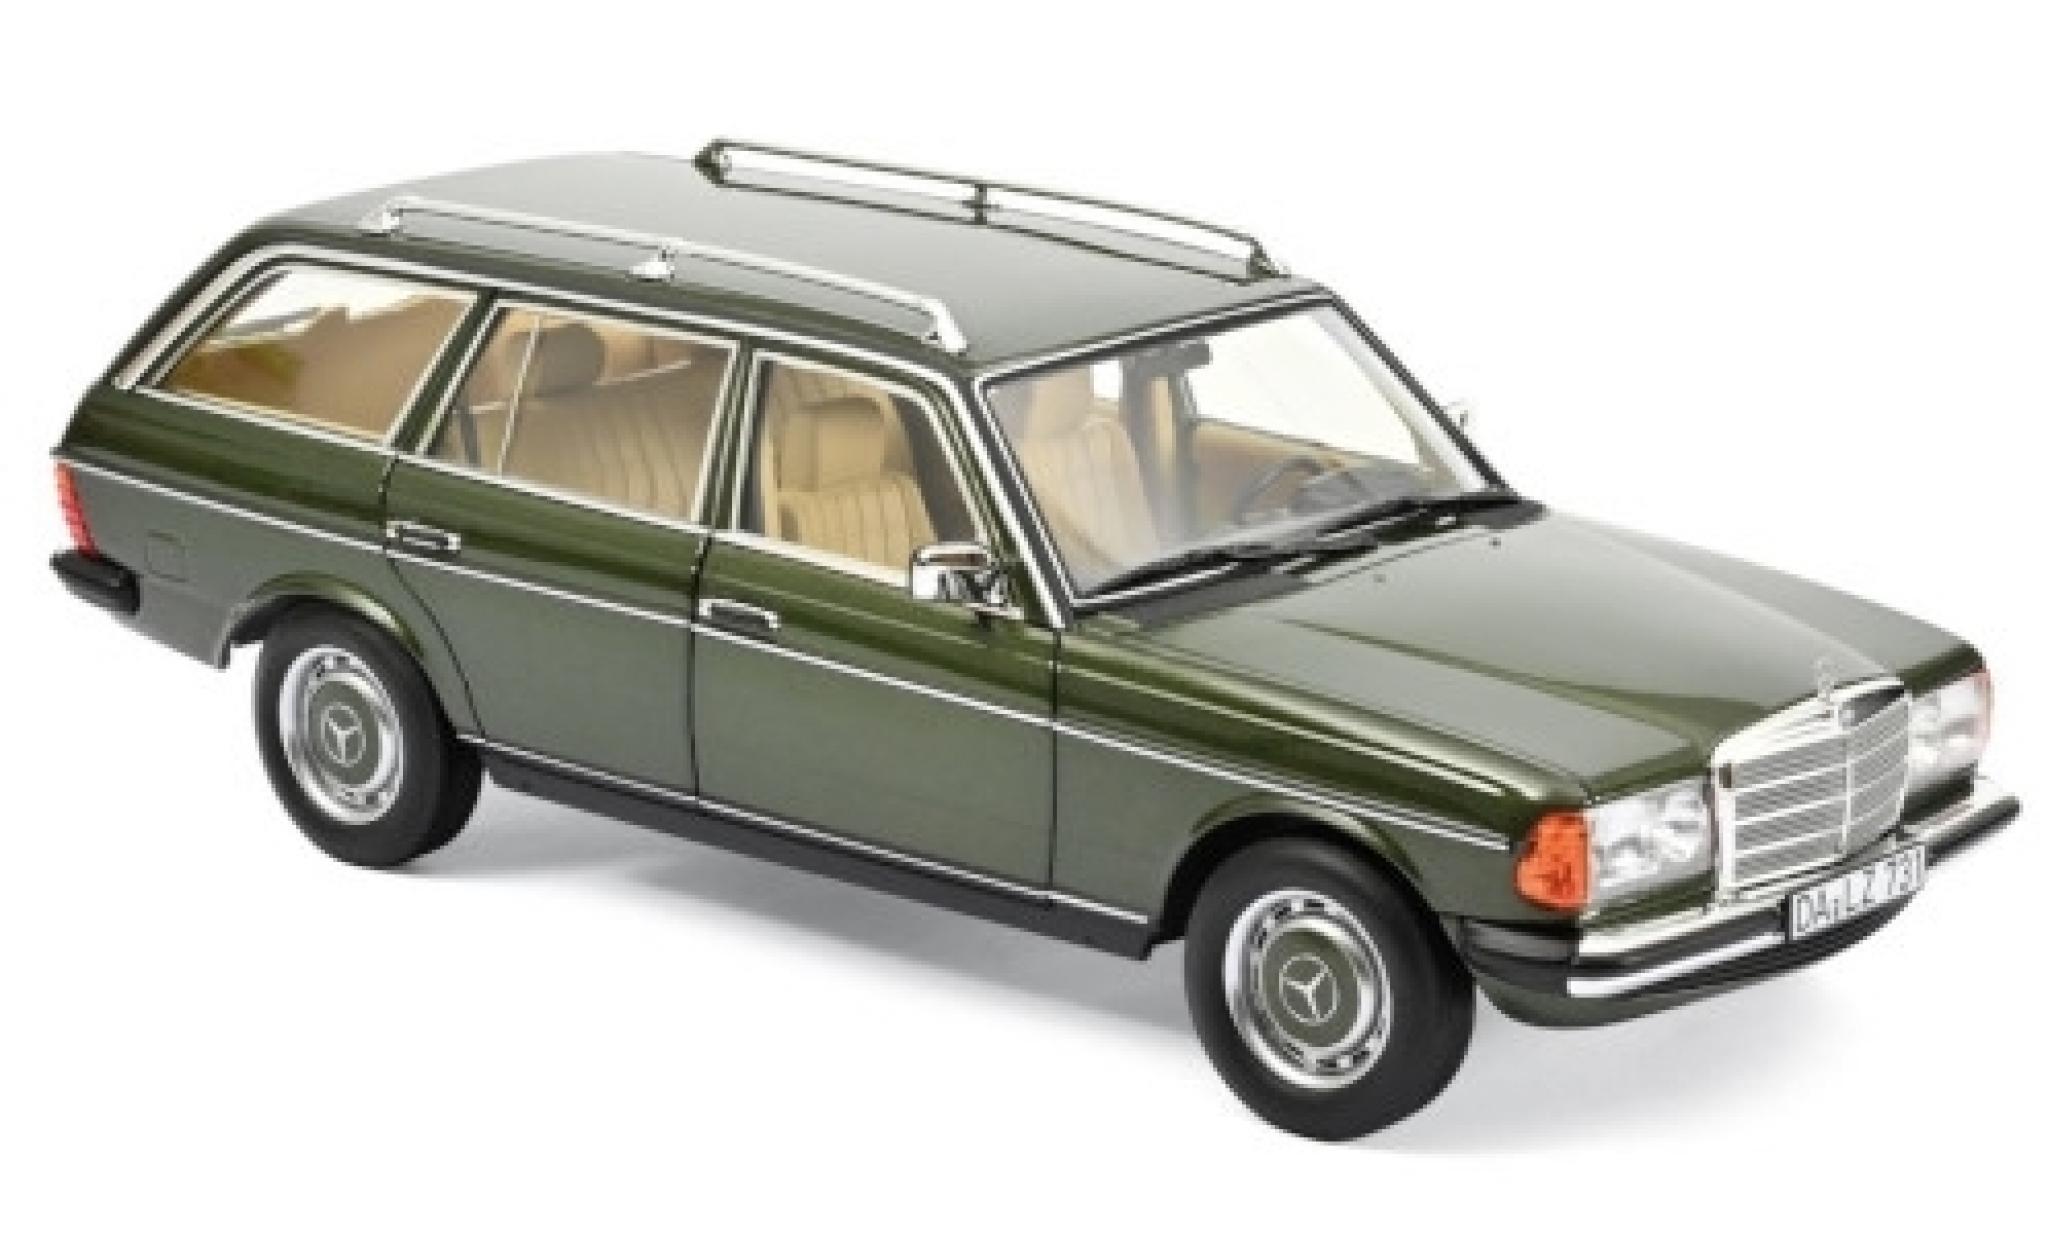 Mercedes 200 1/18 Norev T (S123) metallise verte 1982